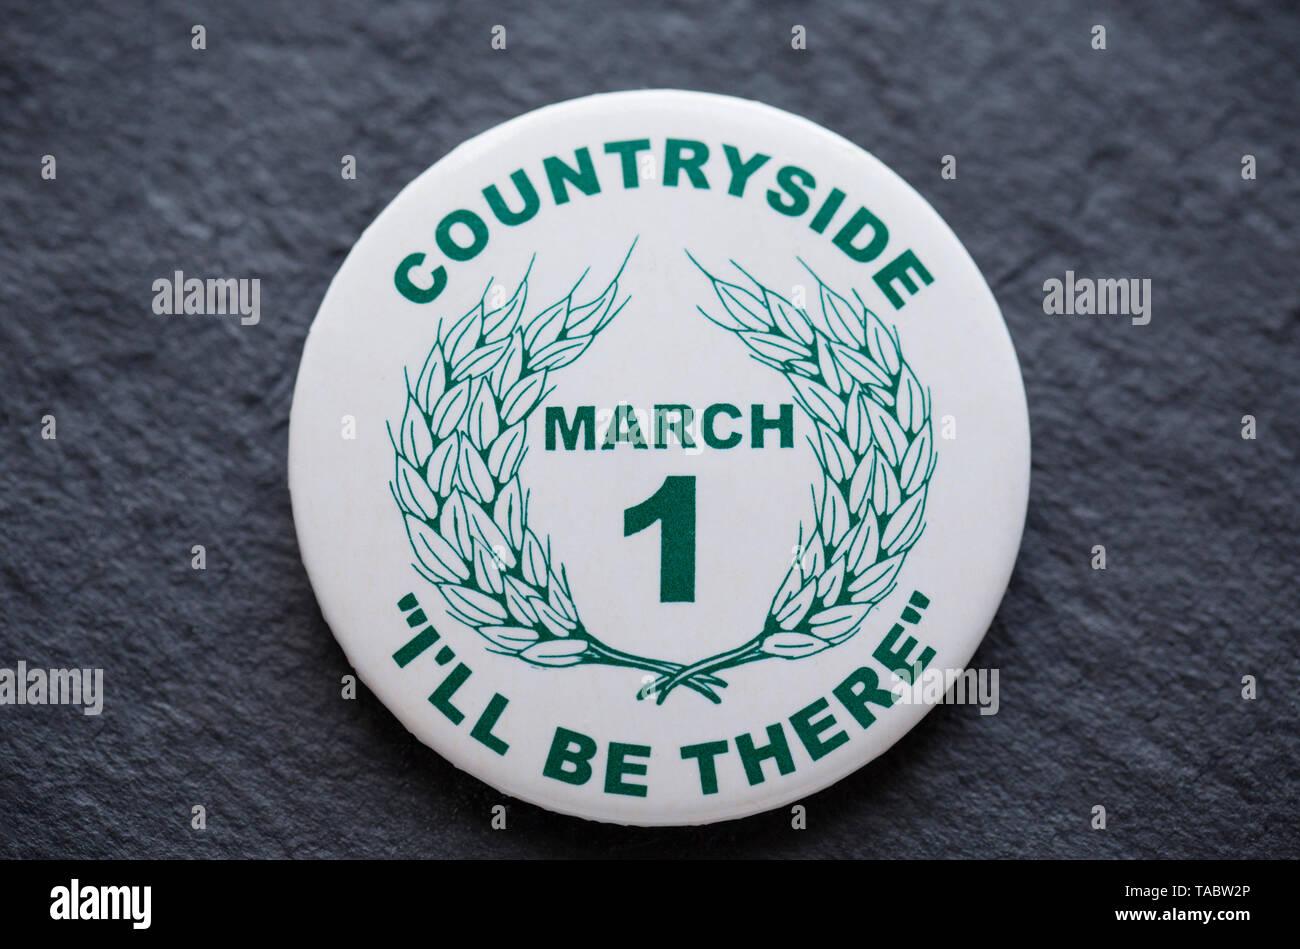 Un pro-caccia badge che è stato fatto per la campagna di marzo 1998 in relazione alla proposta di vietare la caccia con i cani nel Regno Unito. Il mese di marzo in Londo Immagini Stock